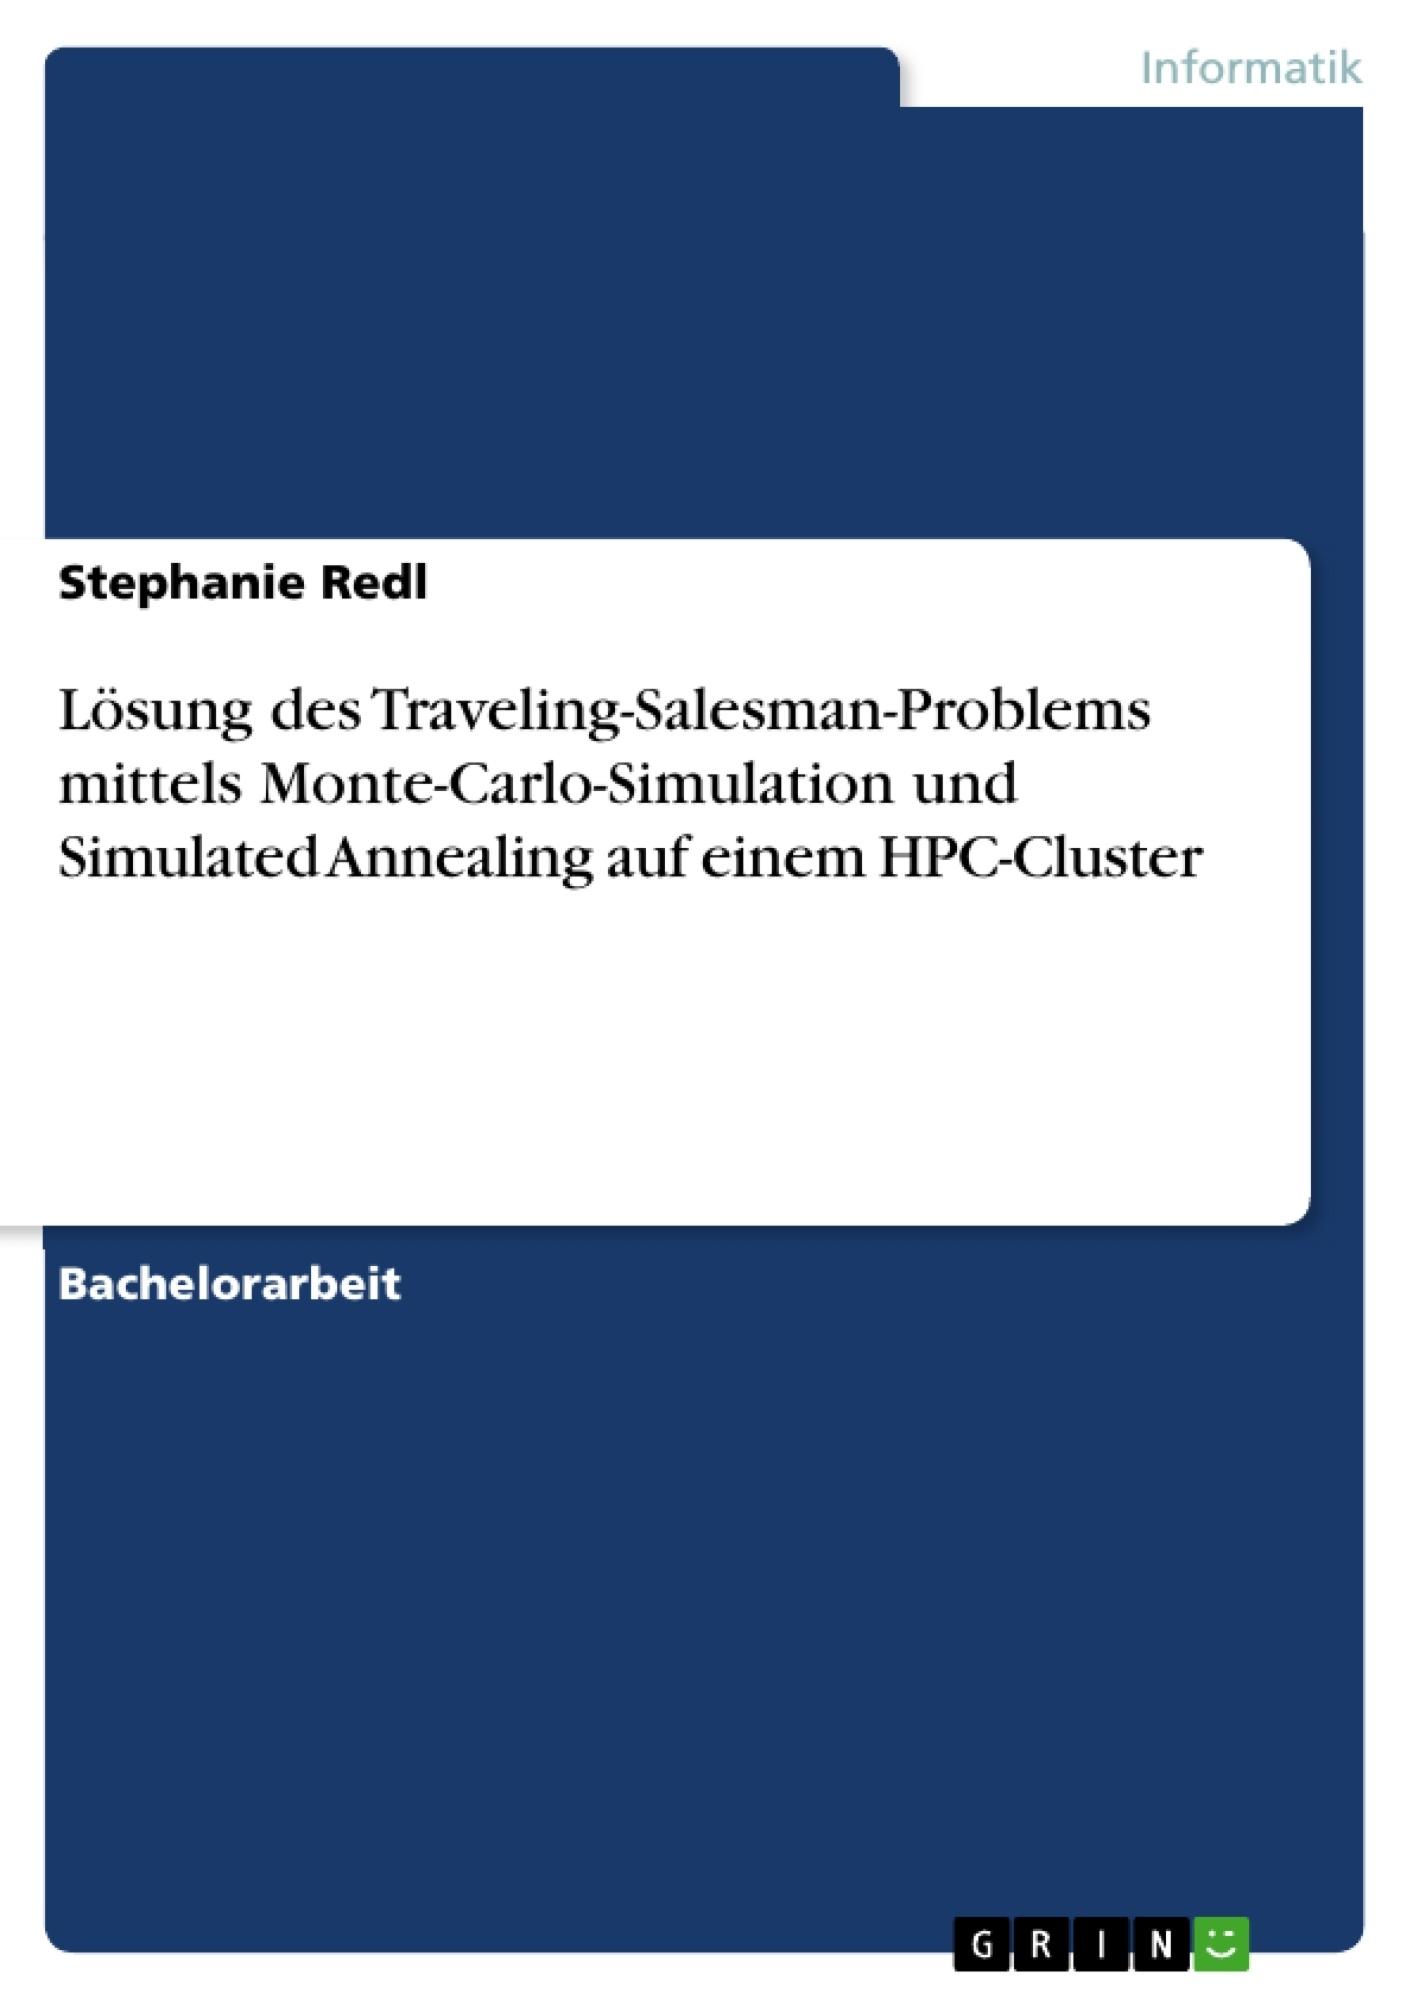 Titel: Lösung des Traveling-Salesman-Problems mittels Monte-Carlo-Simulation und Simulated Annealing auf einem HPC-Cluster